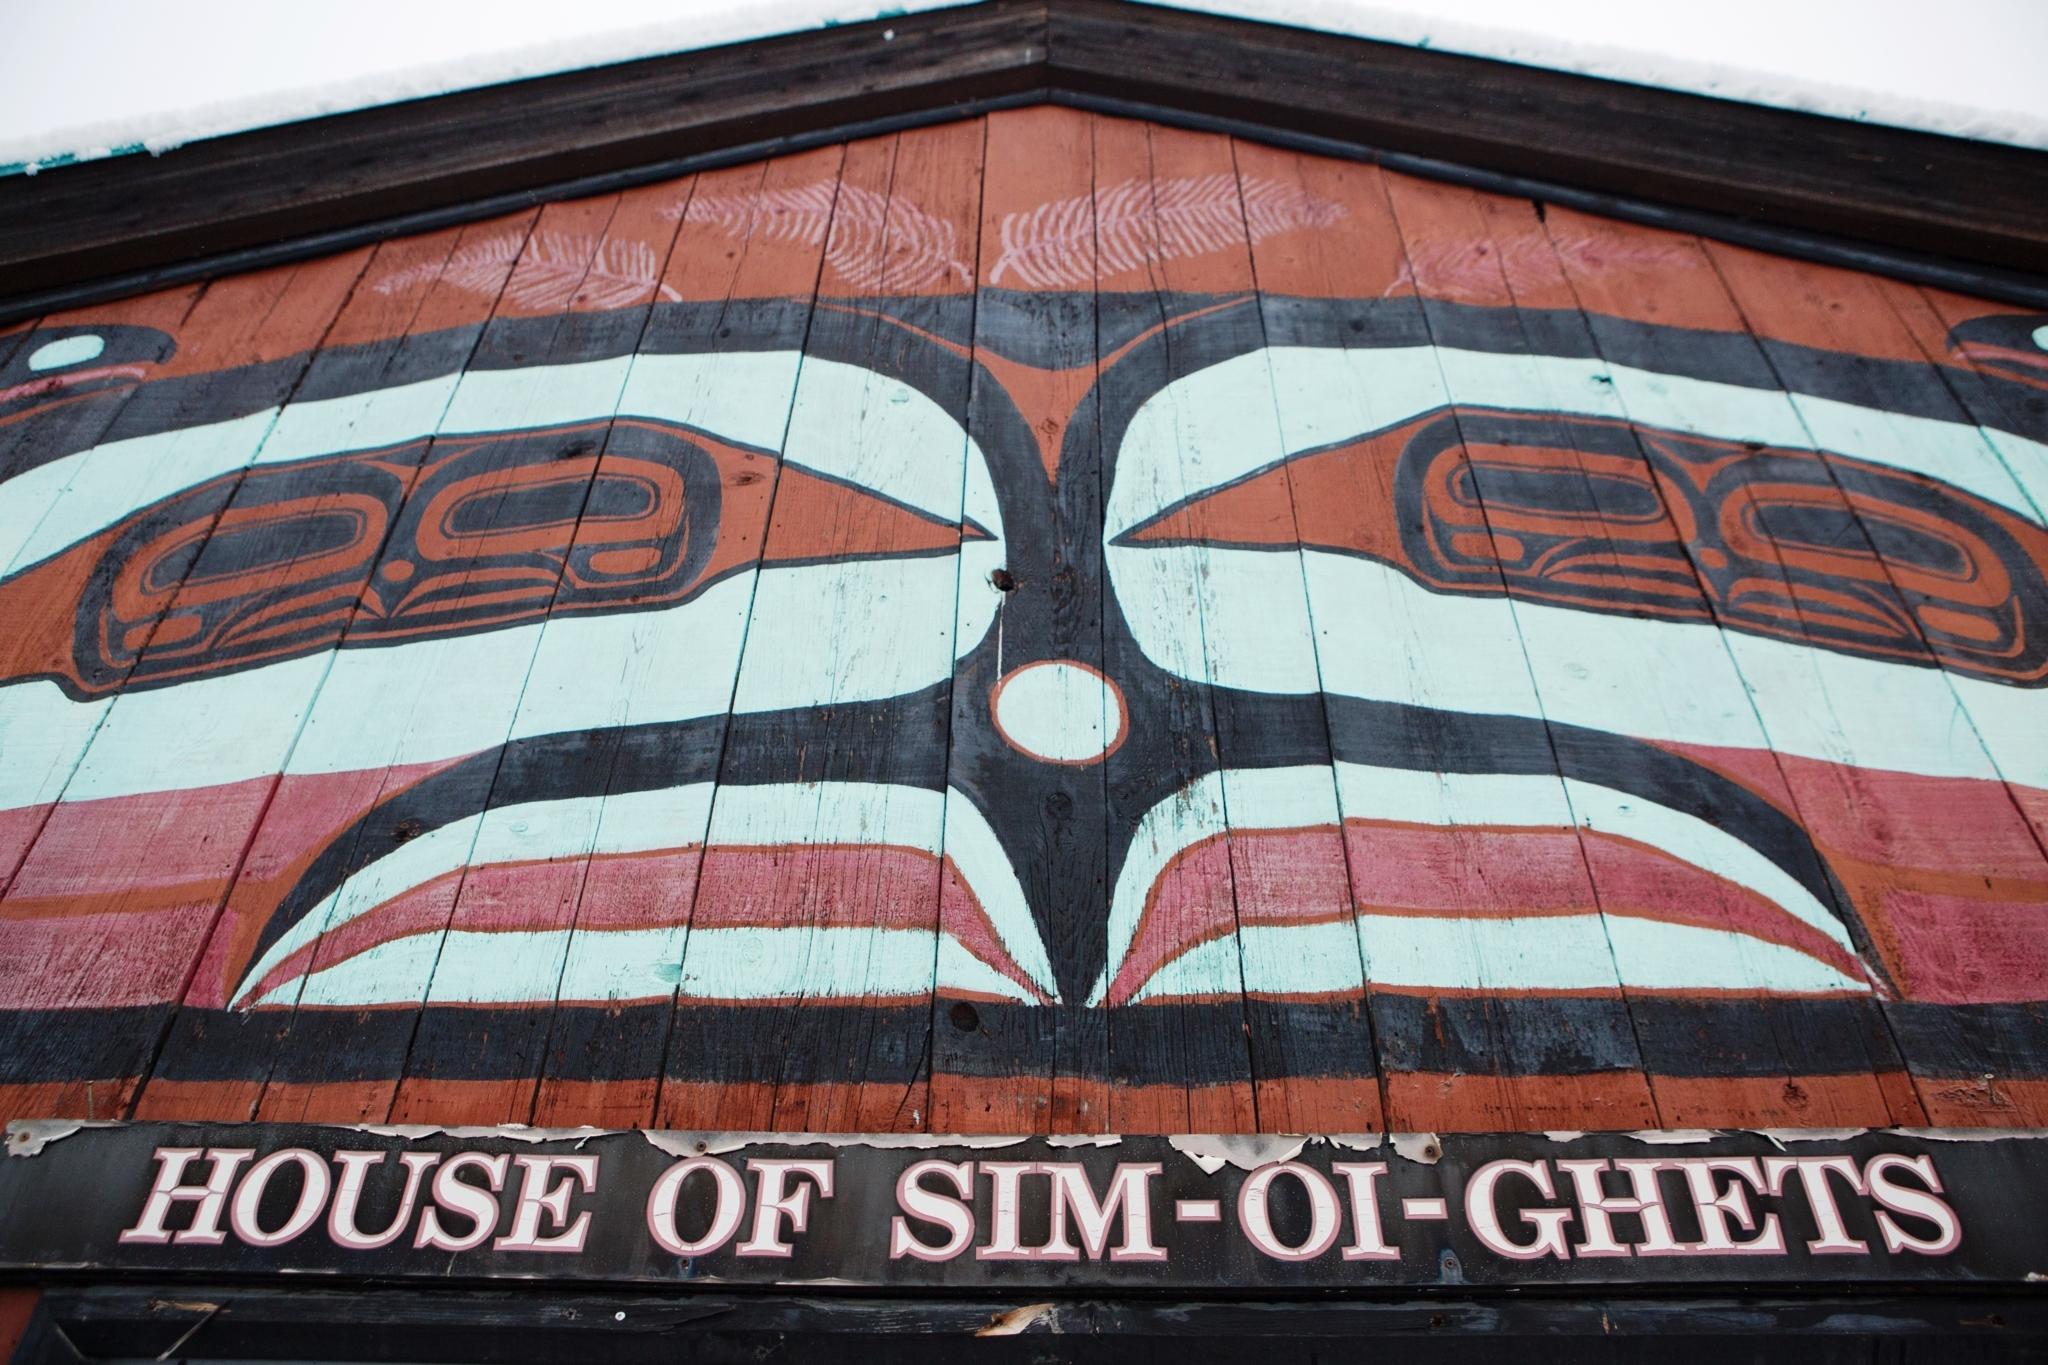 House of Sim-oi-ghets